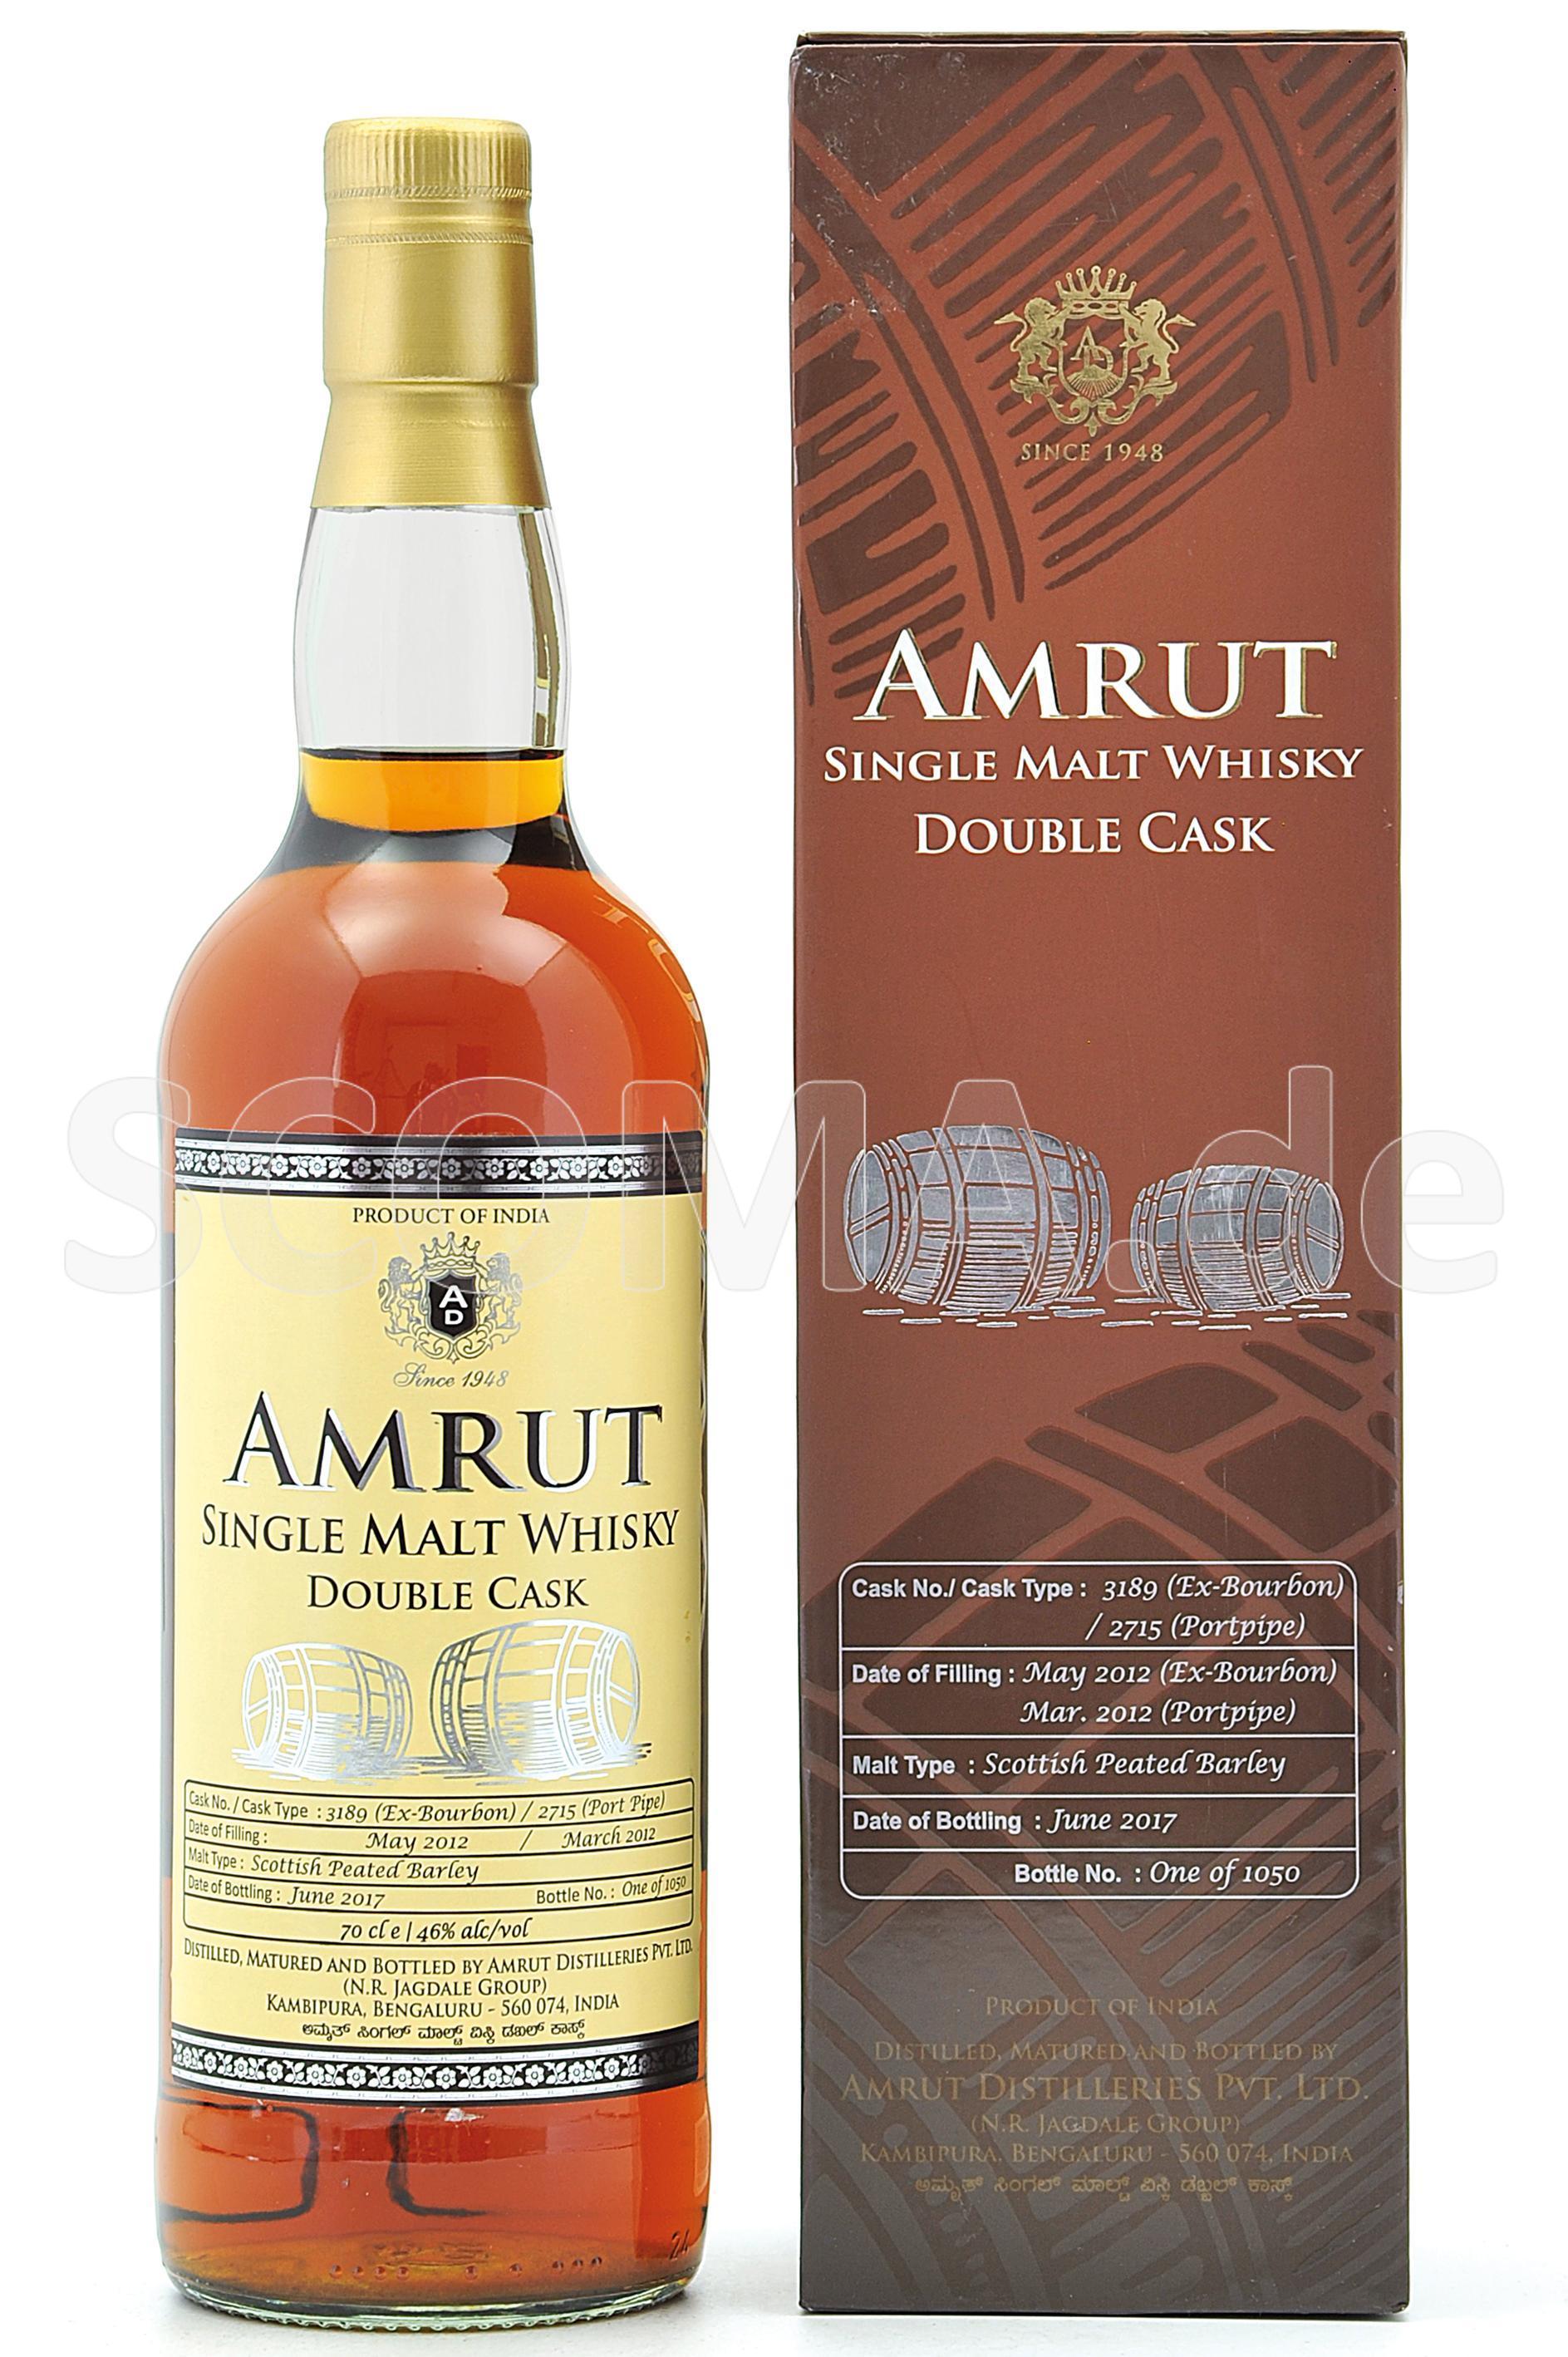 Amrut Double Cask 2012/1017